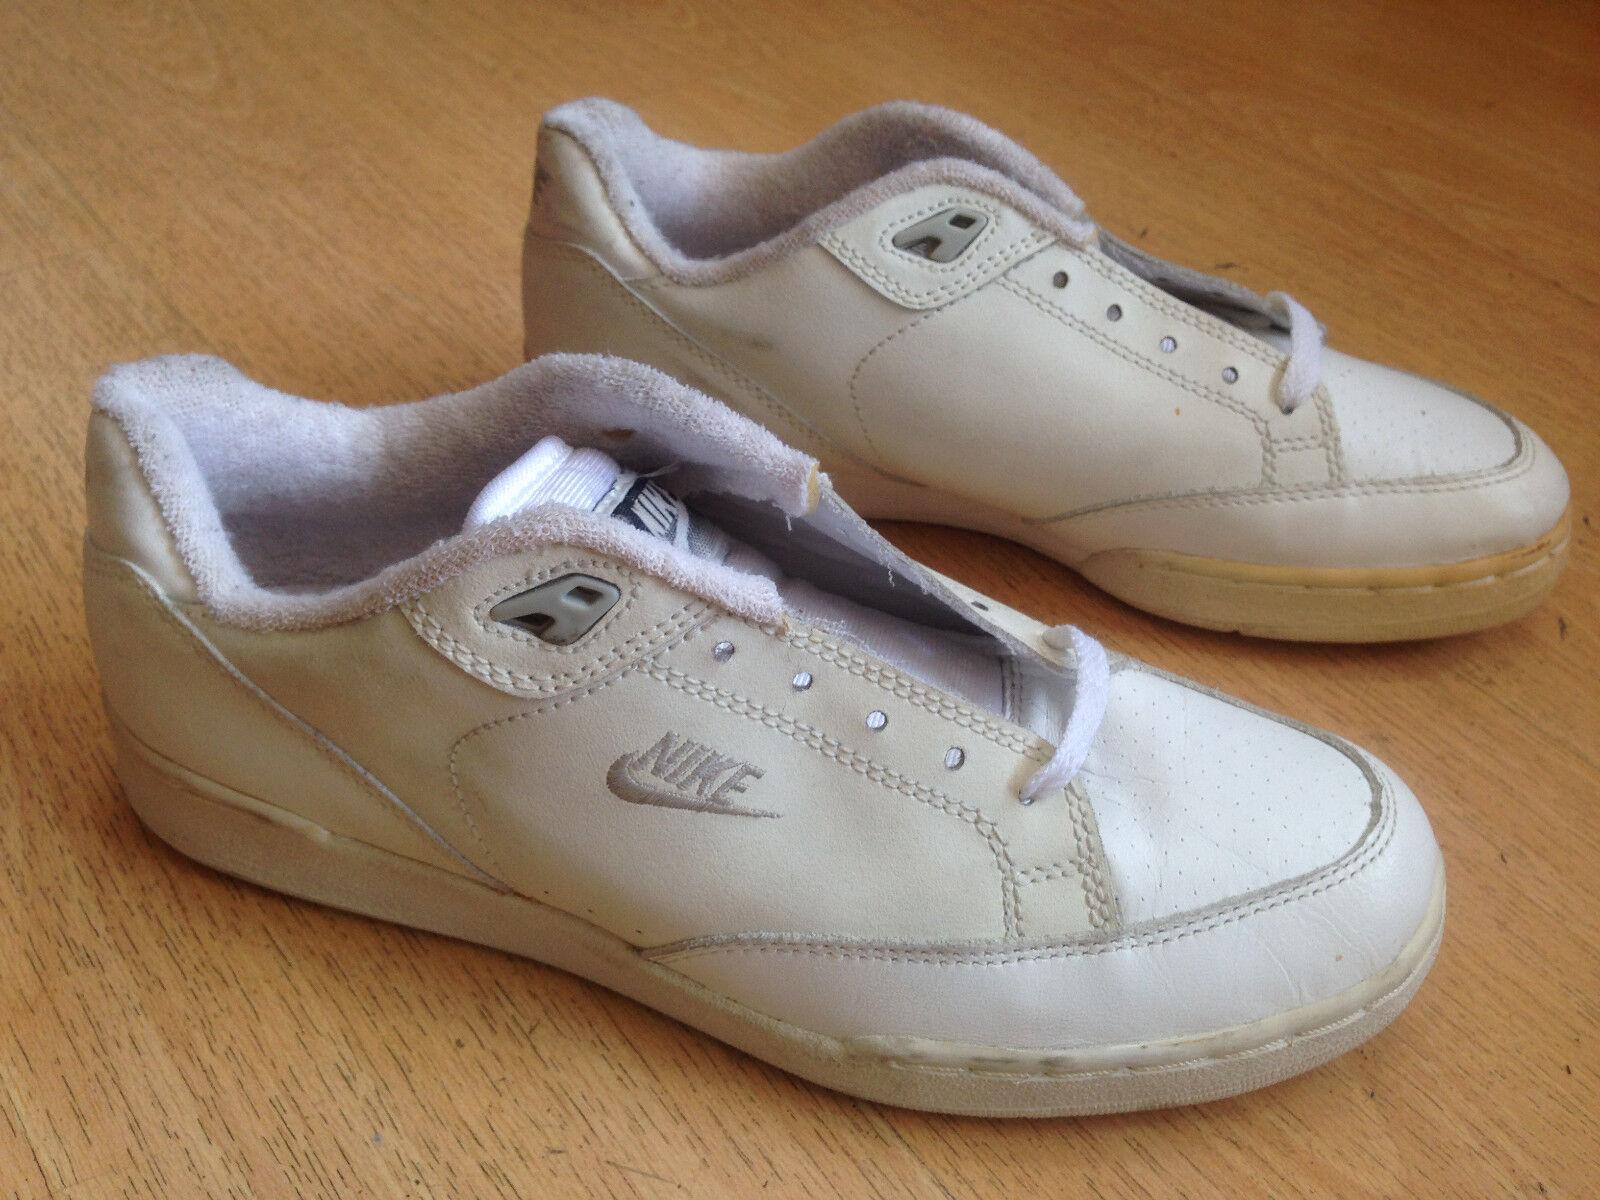 OG 1980s NIKE vintage sneakers Größe US9 UK6.5 EUR40.5 911012PF SUPER RARE